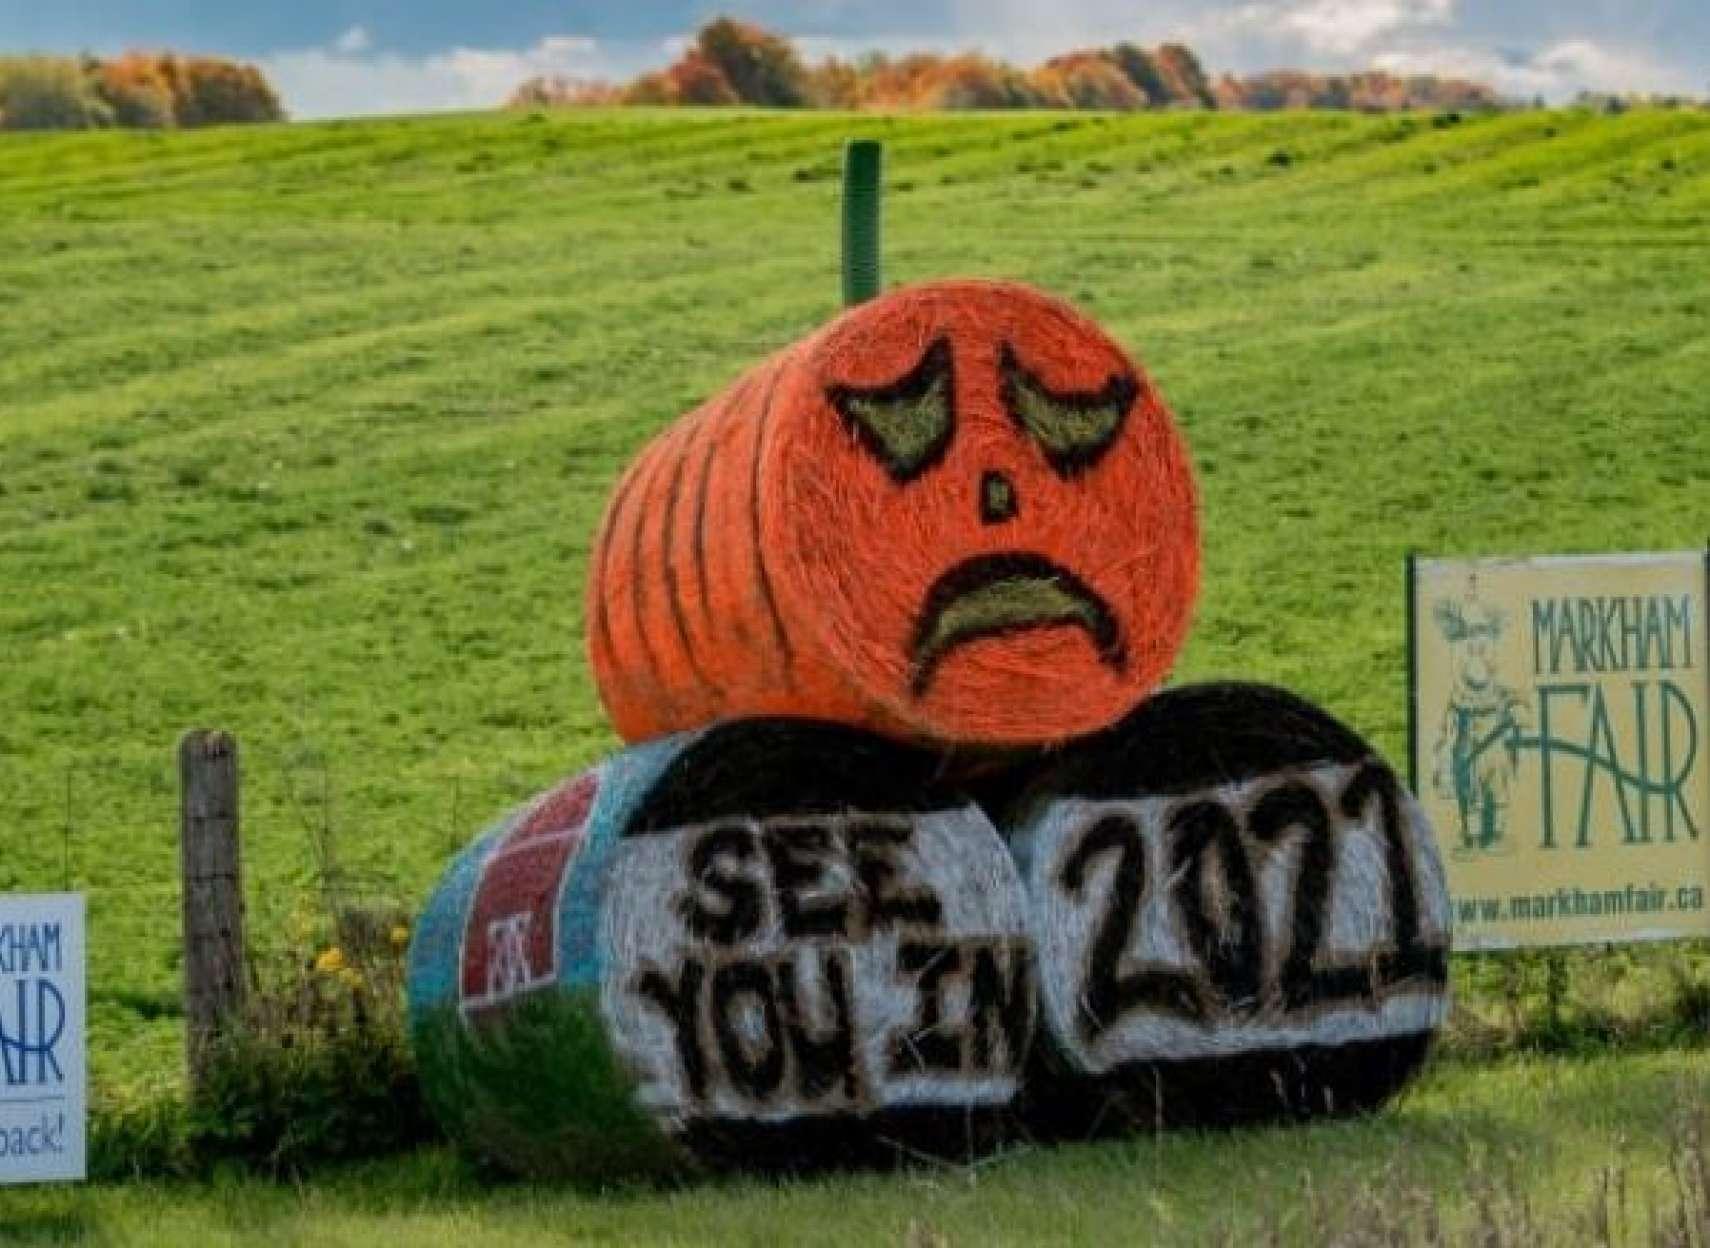 هالووین-در-دوره-کرونا-چگونه-برگزار-خواهد-شد-مراقبت-از-کودکان-در-هالووین-الویت-اصلی- است